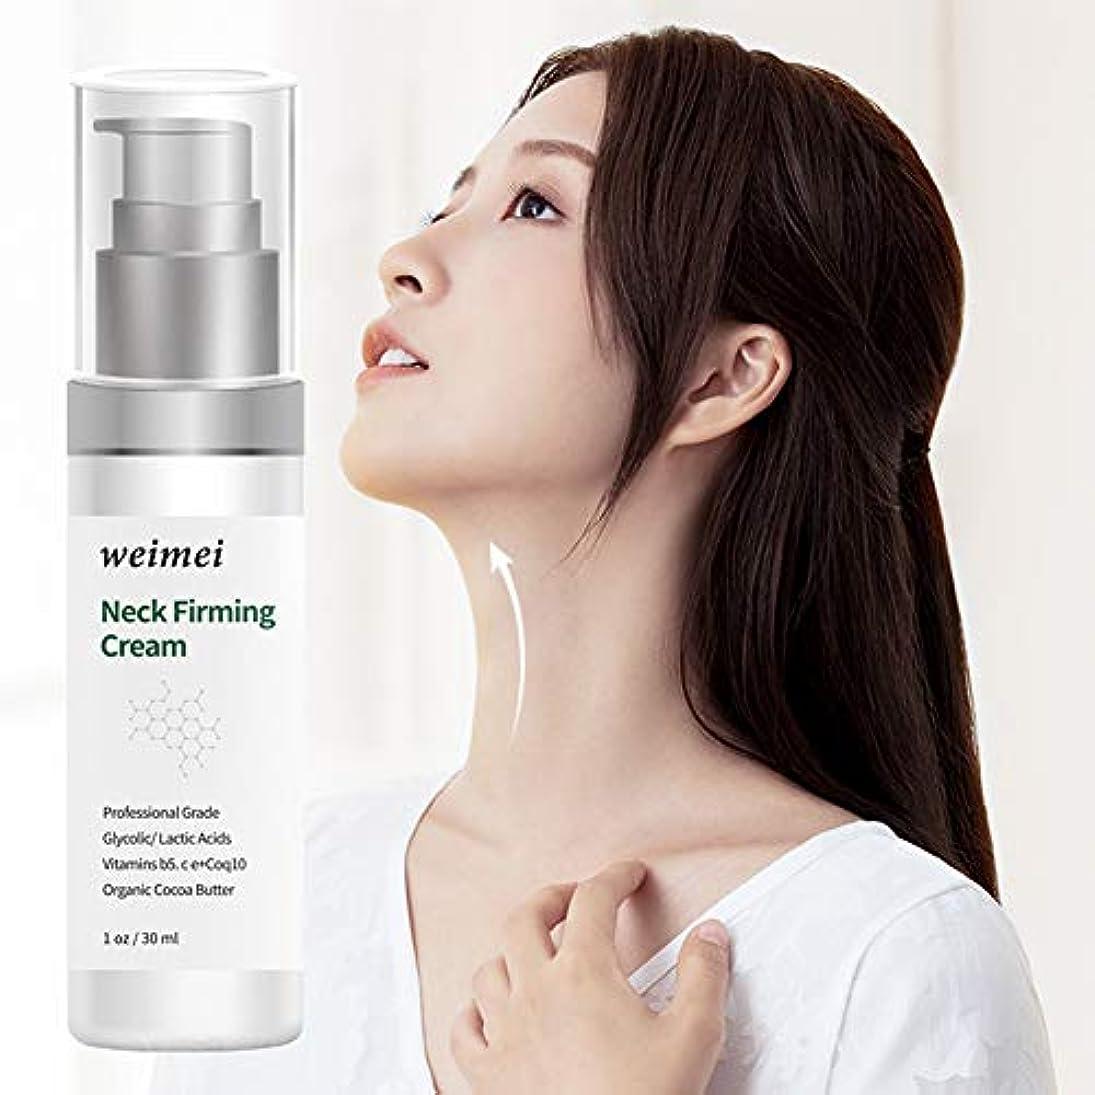 一般的に言えば講義ボードBalai ネックファーミングクリーム 首のしわを効果的に除去し 首の皮膚製品を白くします。